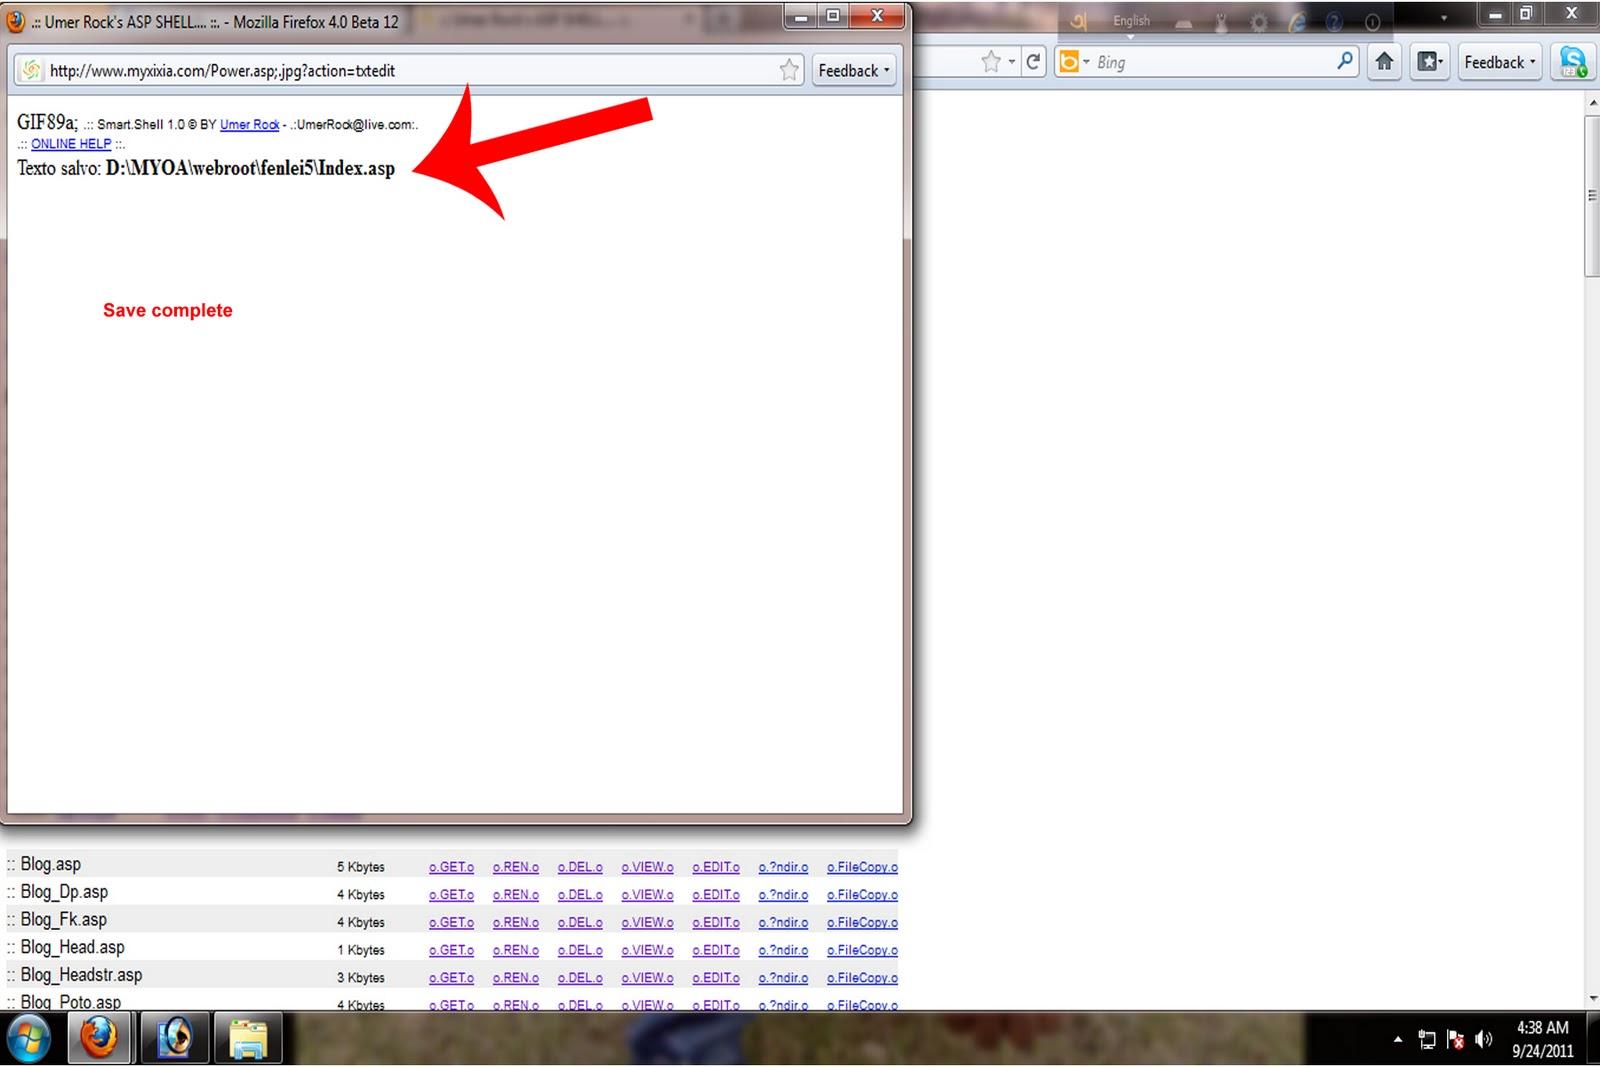 https://lh5.googleusercontent.com/-GEJ_dbLIbg8/Tn7H_IrKqJI/AAAAAAAAAGM/j15uTwhlR90/s1600/no.19.jpg IIS Exploit সম্পূর্ণ বাংলা হ্যাকিং টিউটোরিয়াল (উইন্ডোজ ৭) | পর্ব-৭